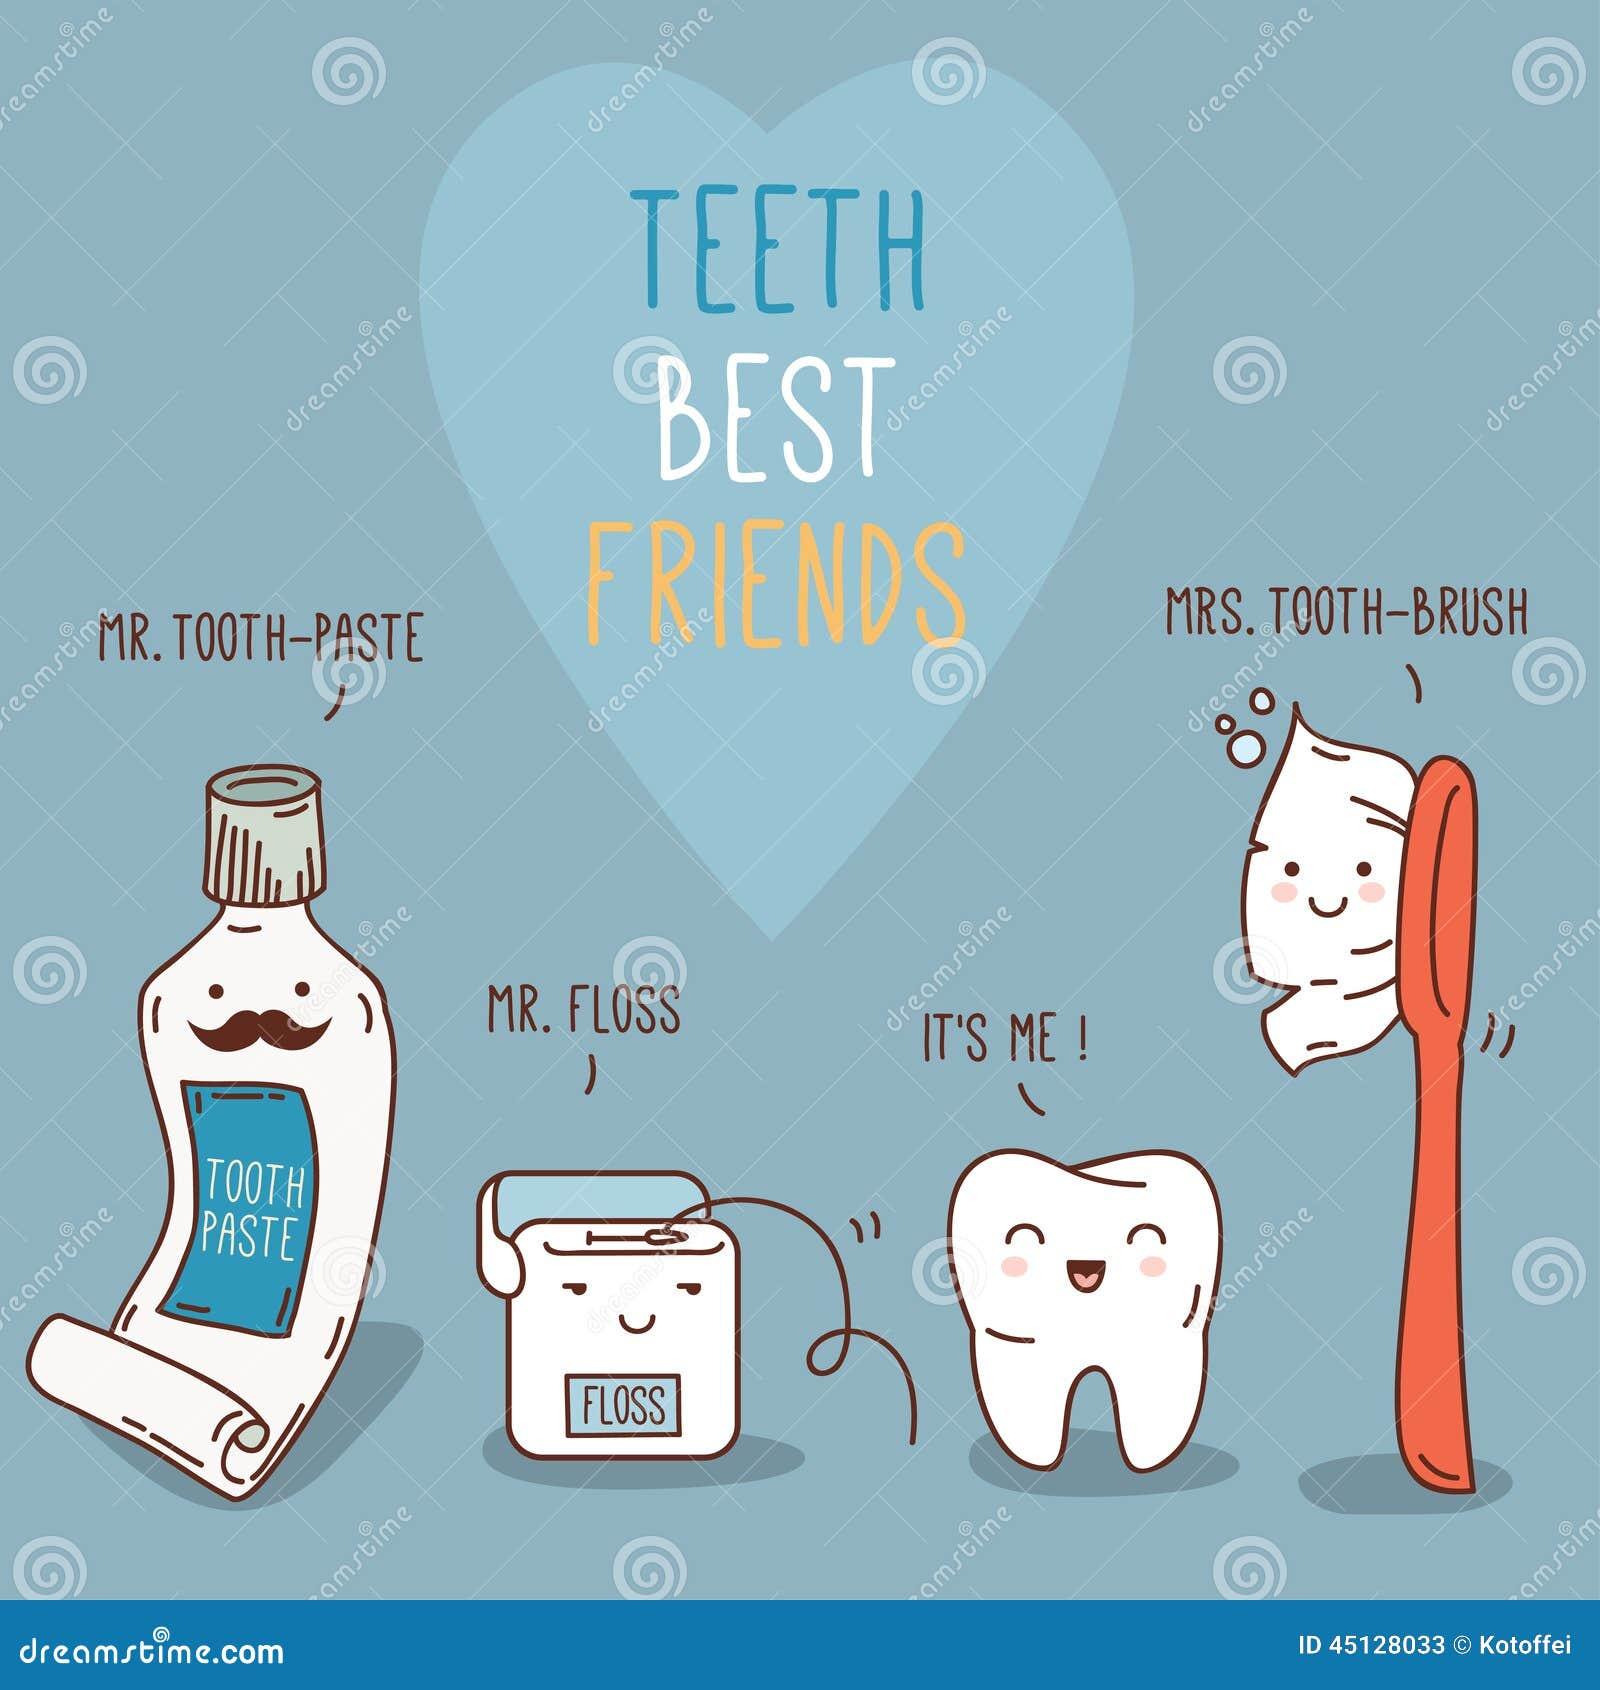 Meilleurs amis de dents - dent au delà, brosse à dents et